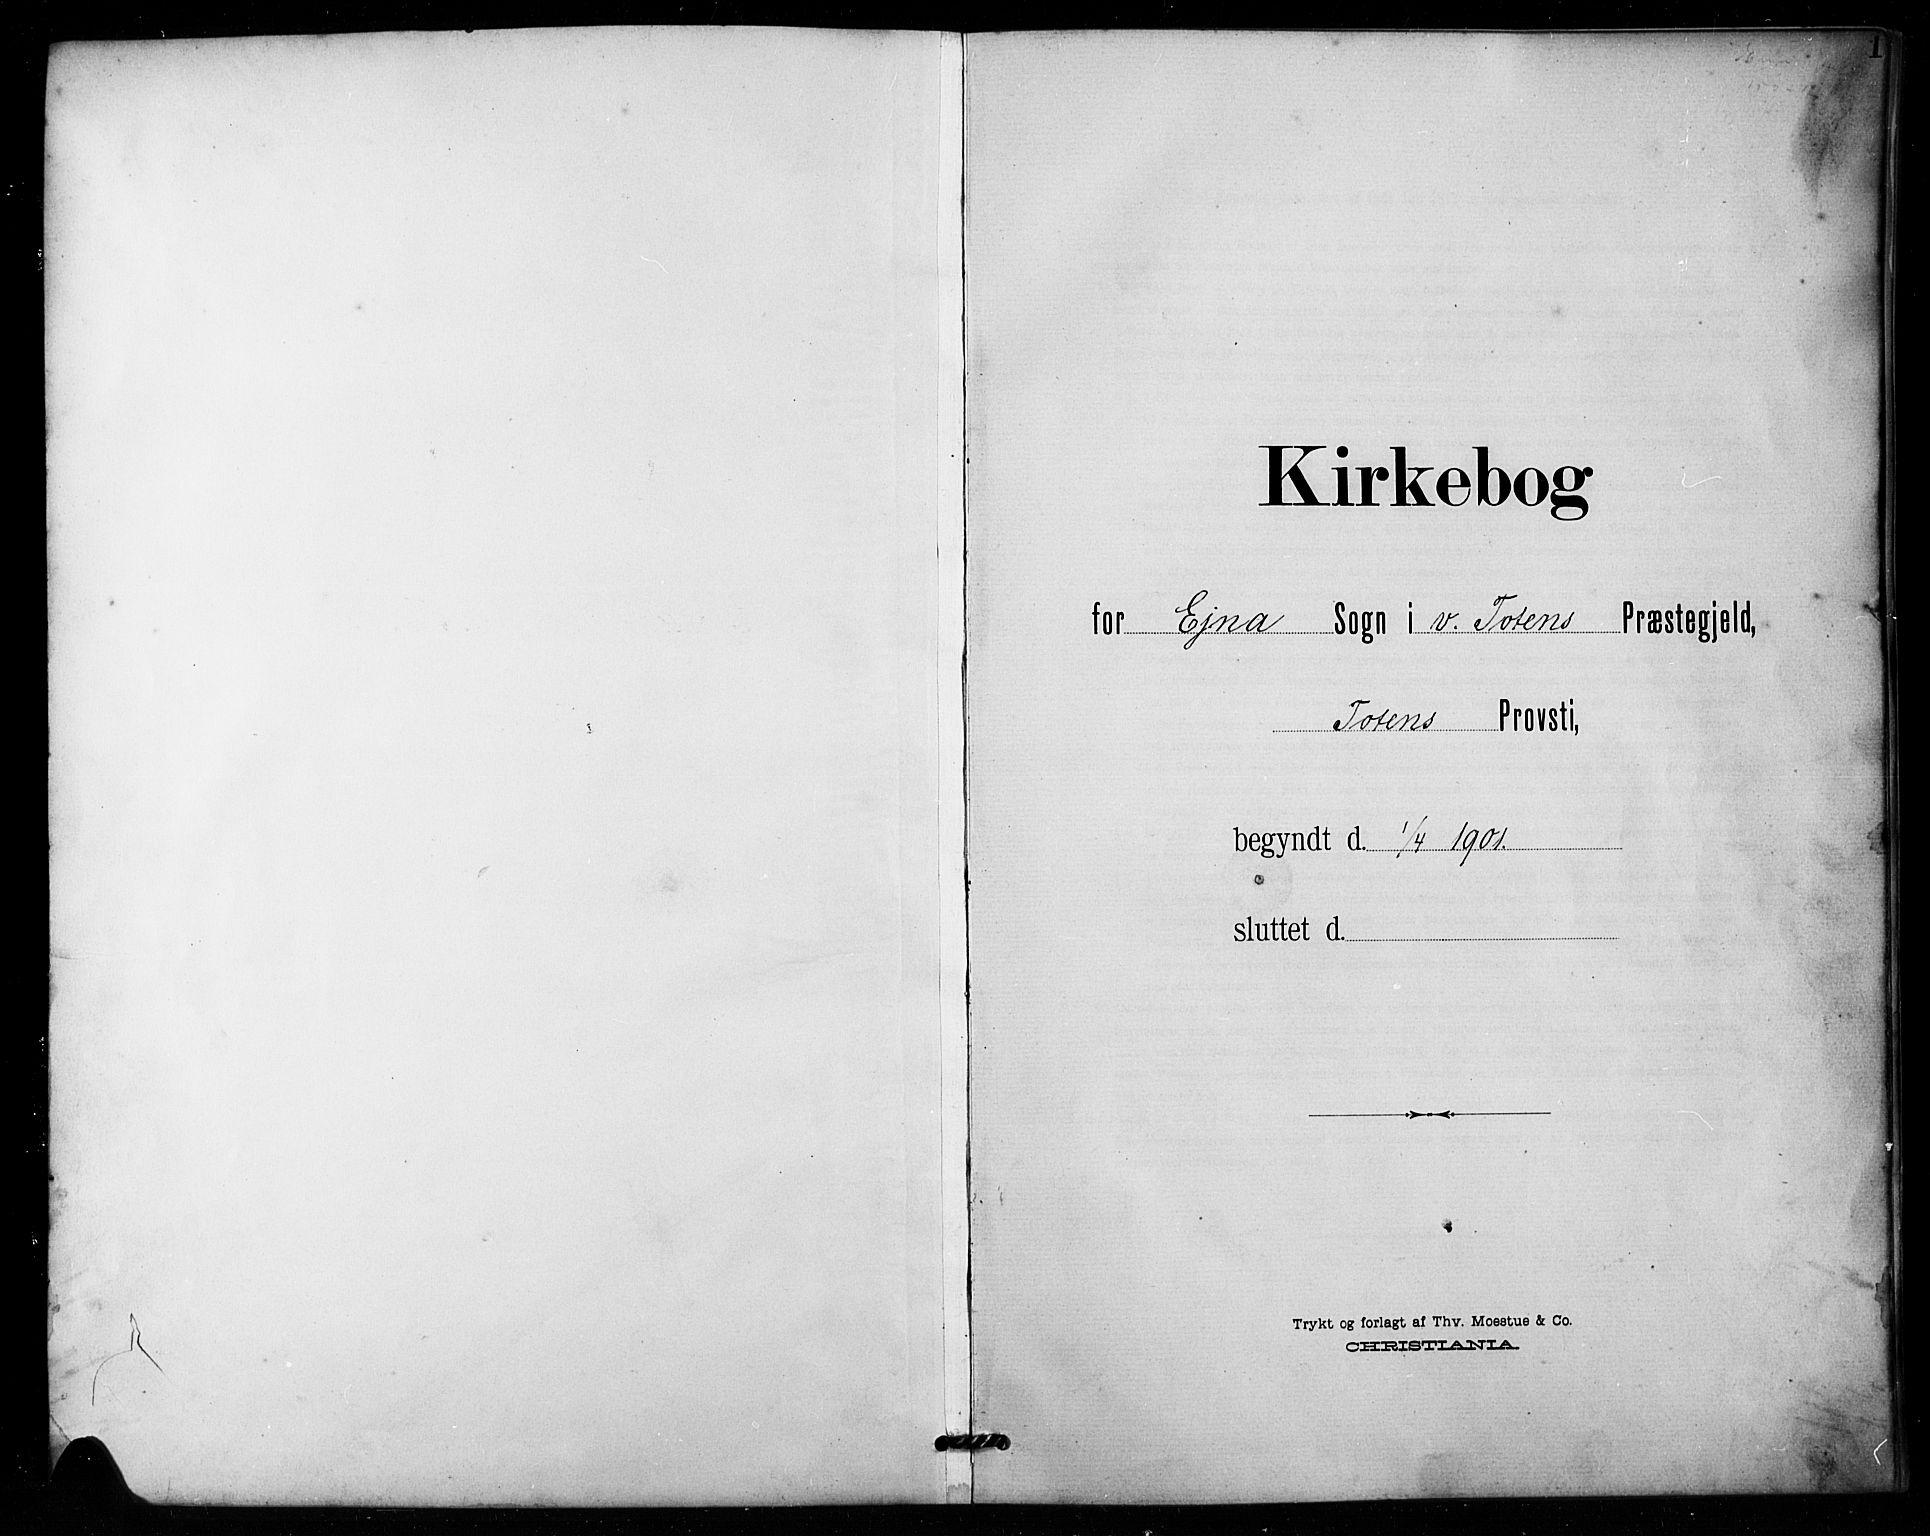 SAH, Vestre Toten prestekontor, H/Ha/Hab/L0016: Klokkerbok nr. 16, 1901-1915, s. 1